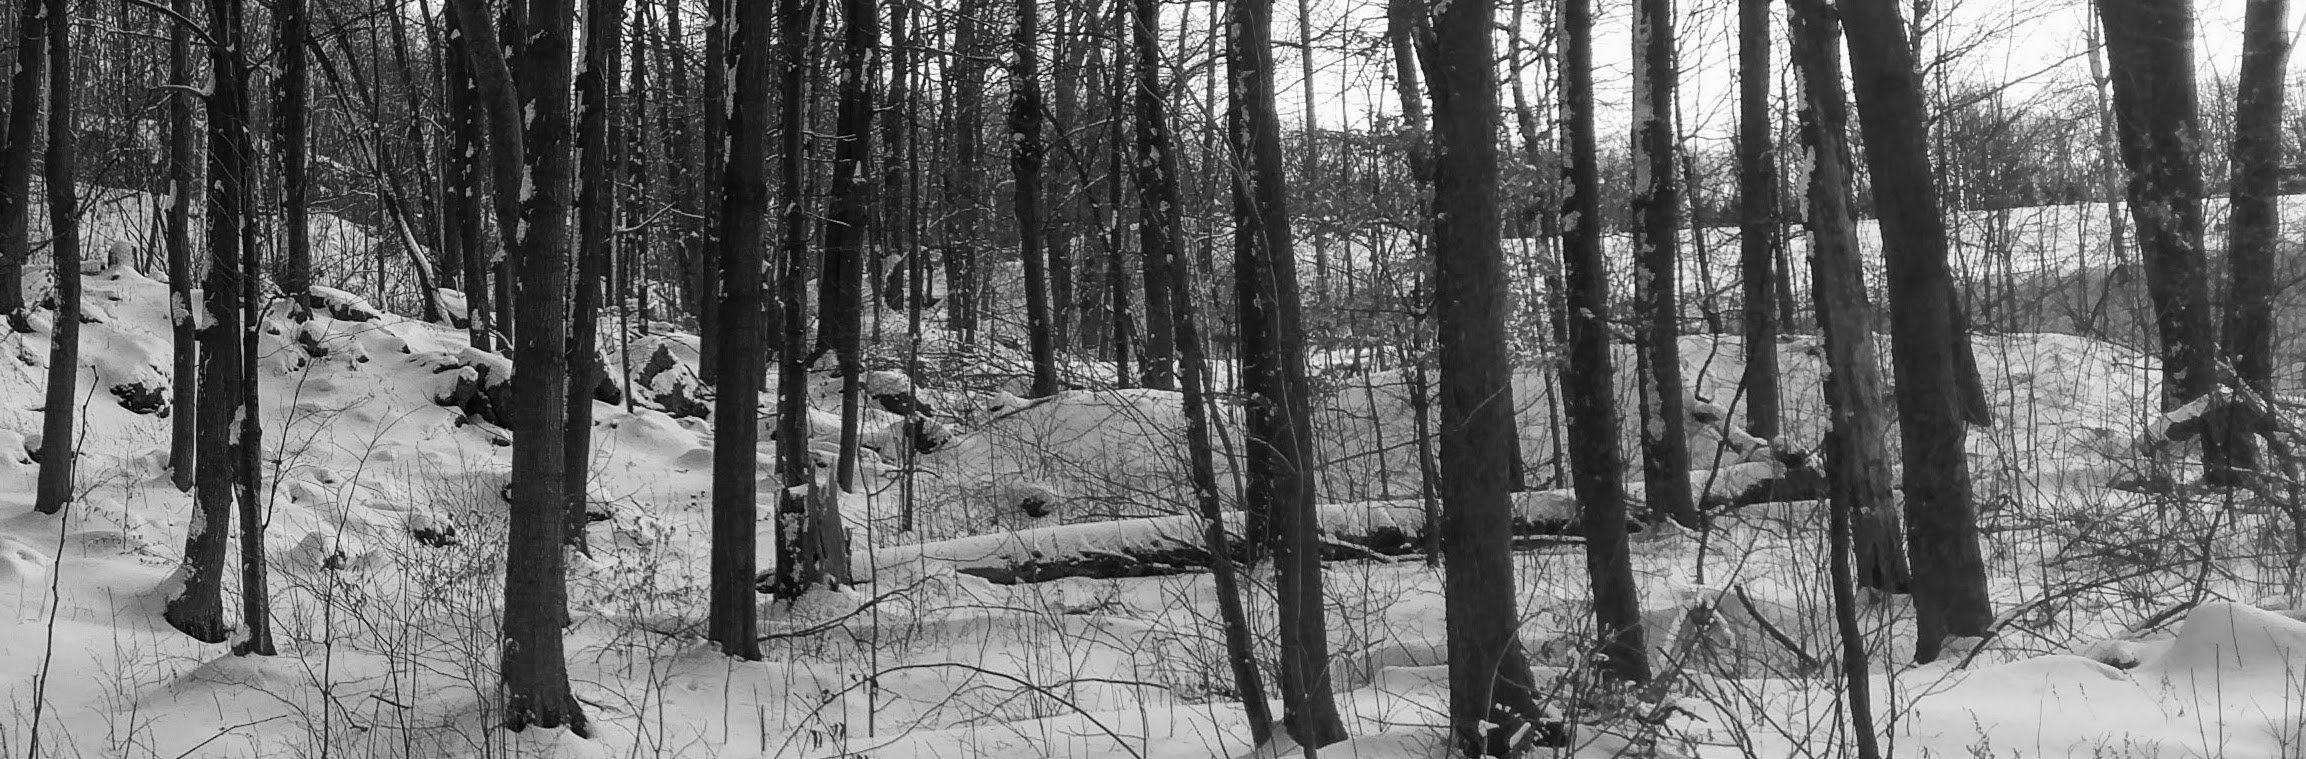 foret epaisse couverte de neige